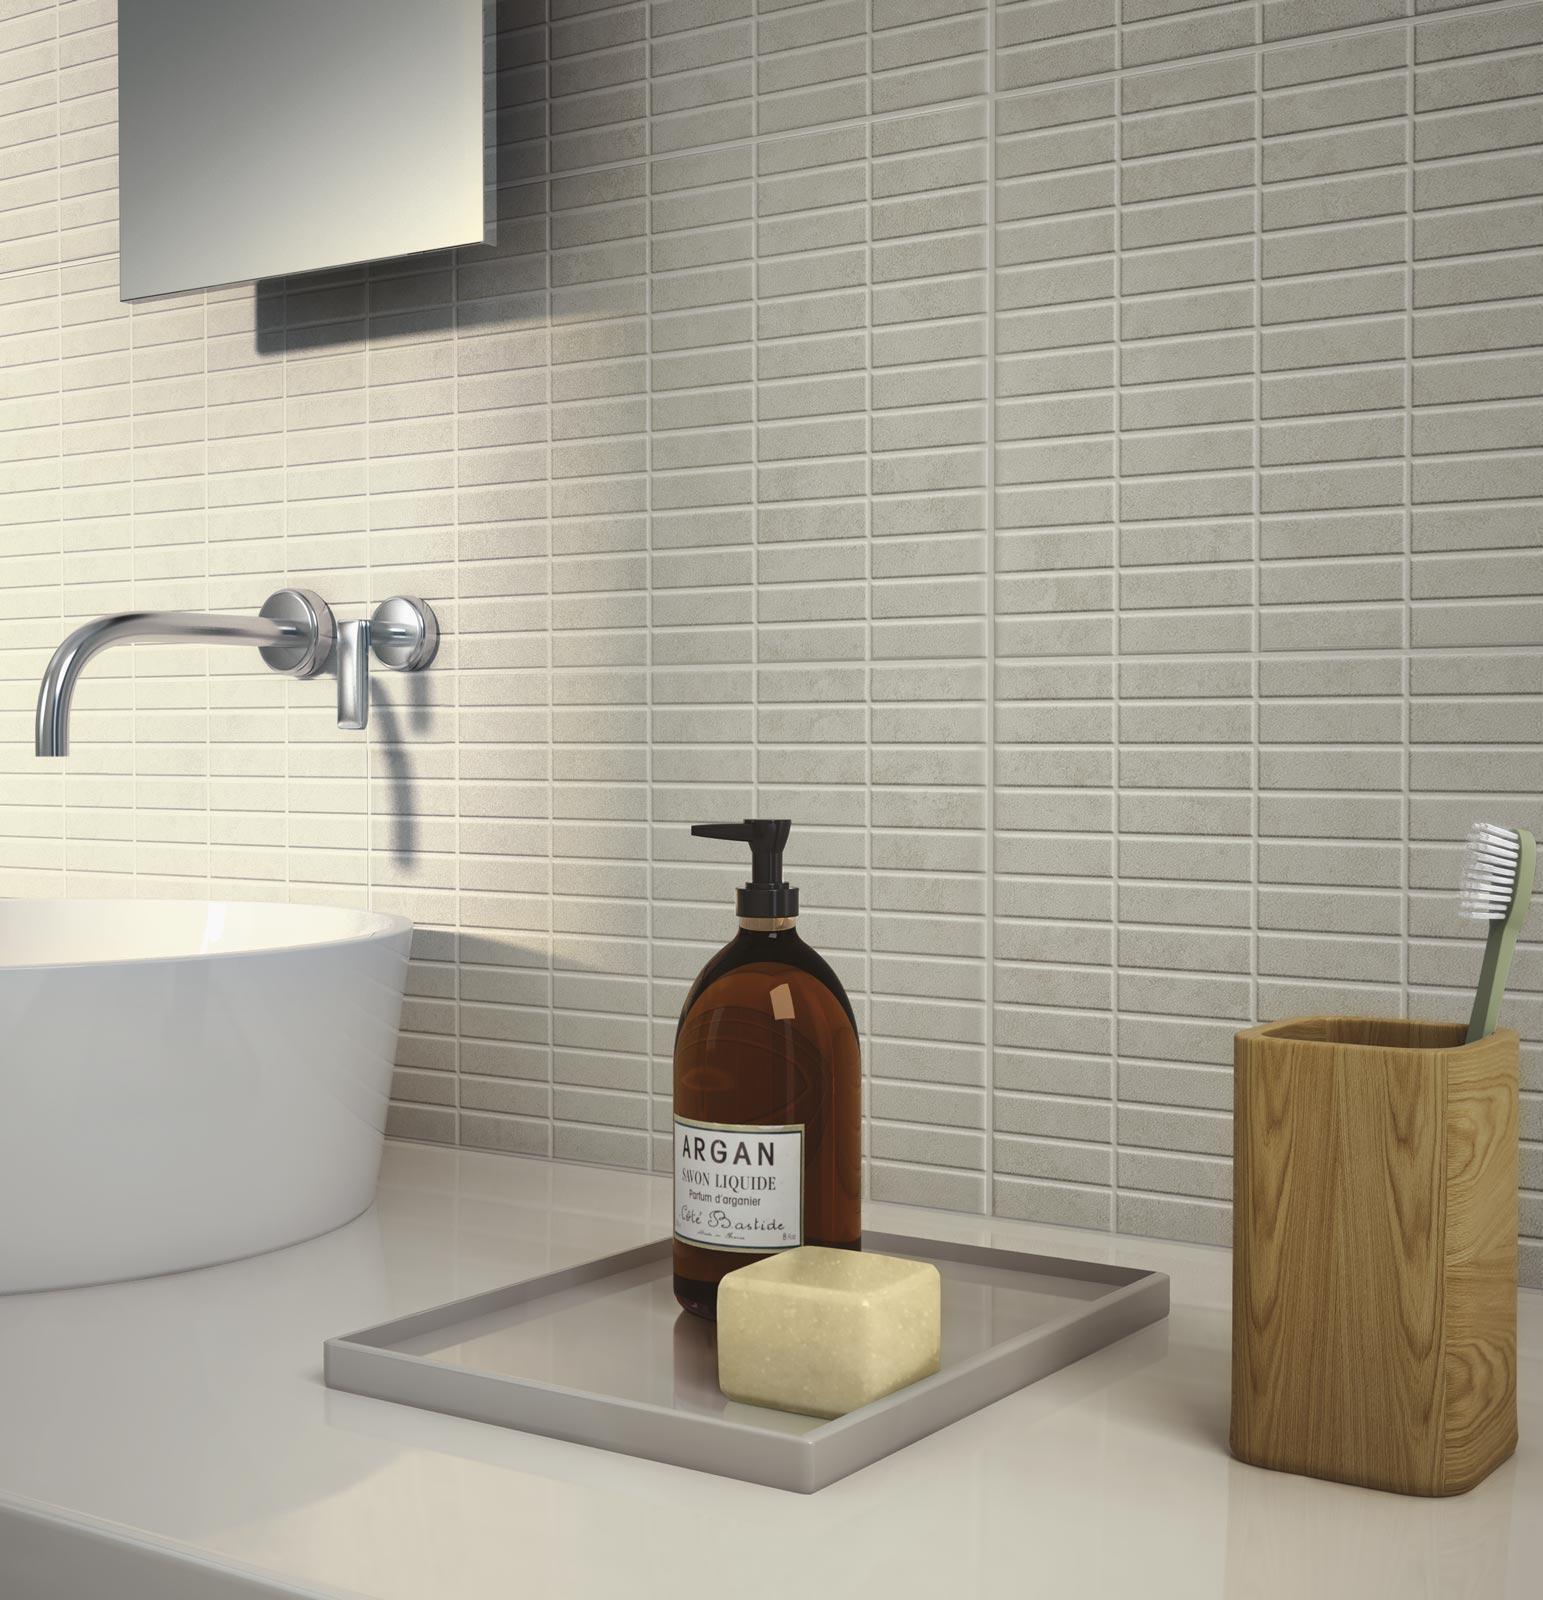 Gres porcellanato effetto cemento opaco ragno casablanca - Prezzo posa piastrelle 60x60 ...